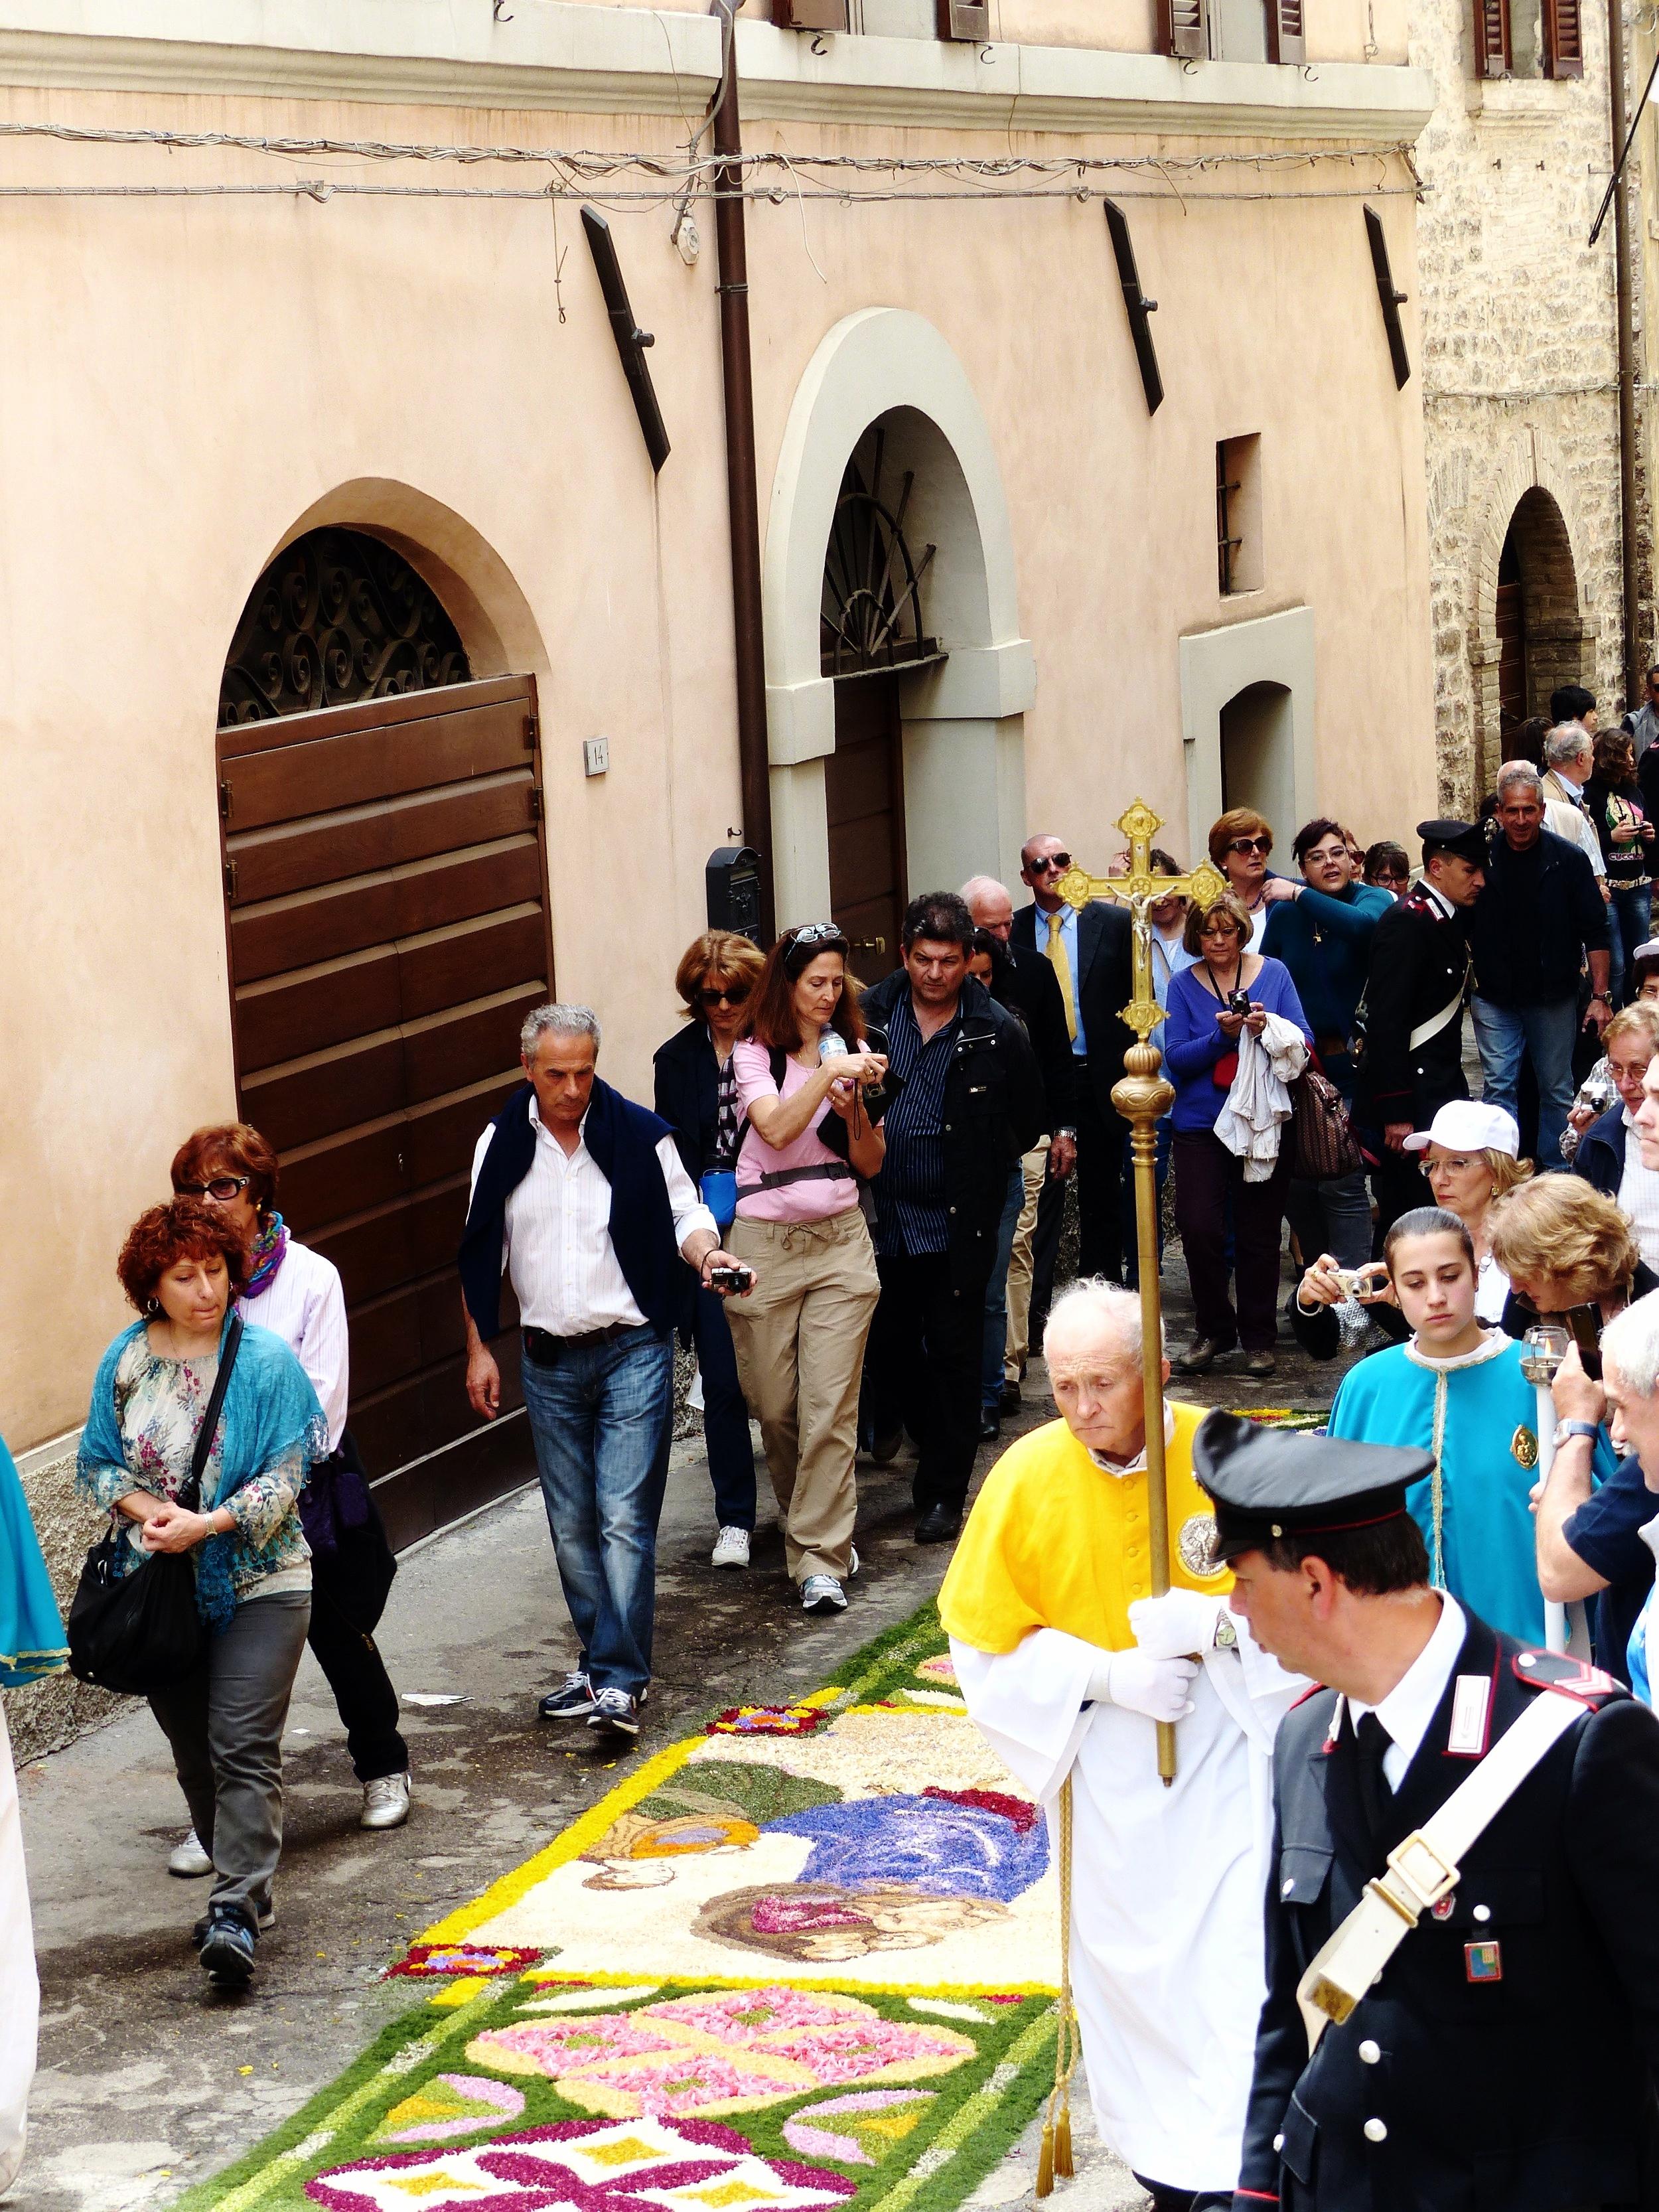 Infiorata procession begins in Spello, Umbria